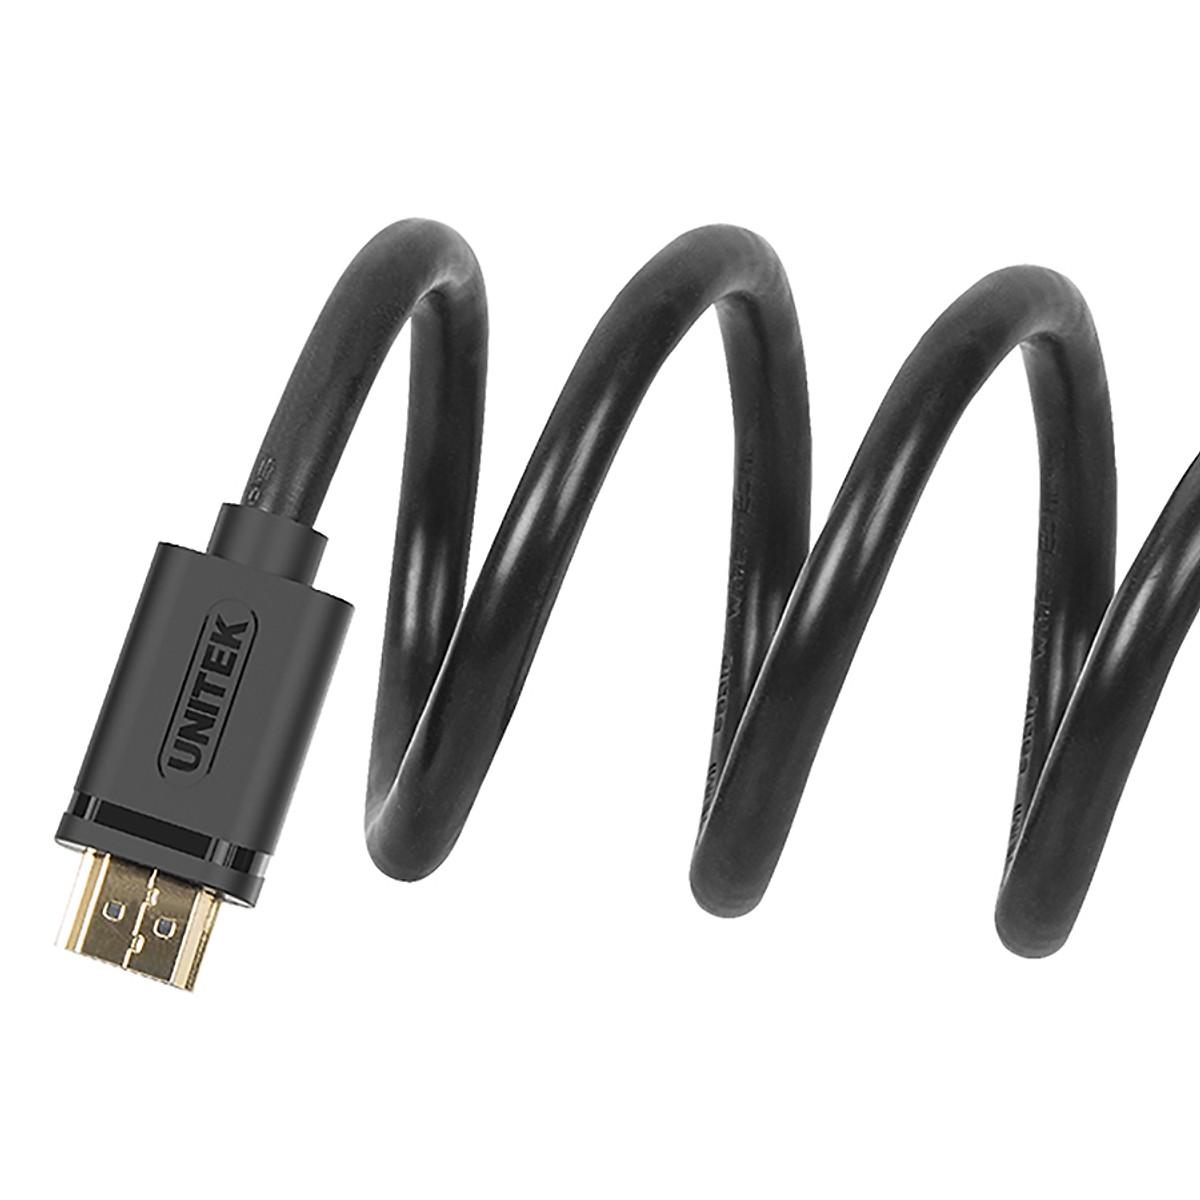 Dây cáp HDMI Unitek 1,5m hỗ trợ độ phân giải 4K - Hàng Chính hãng